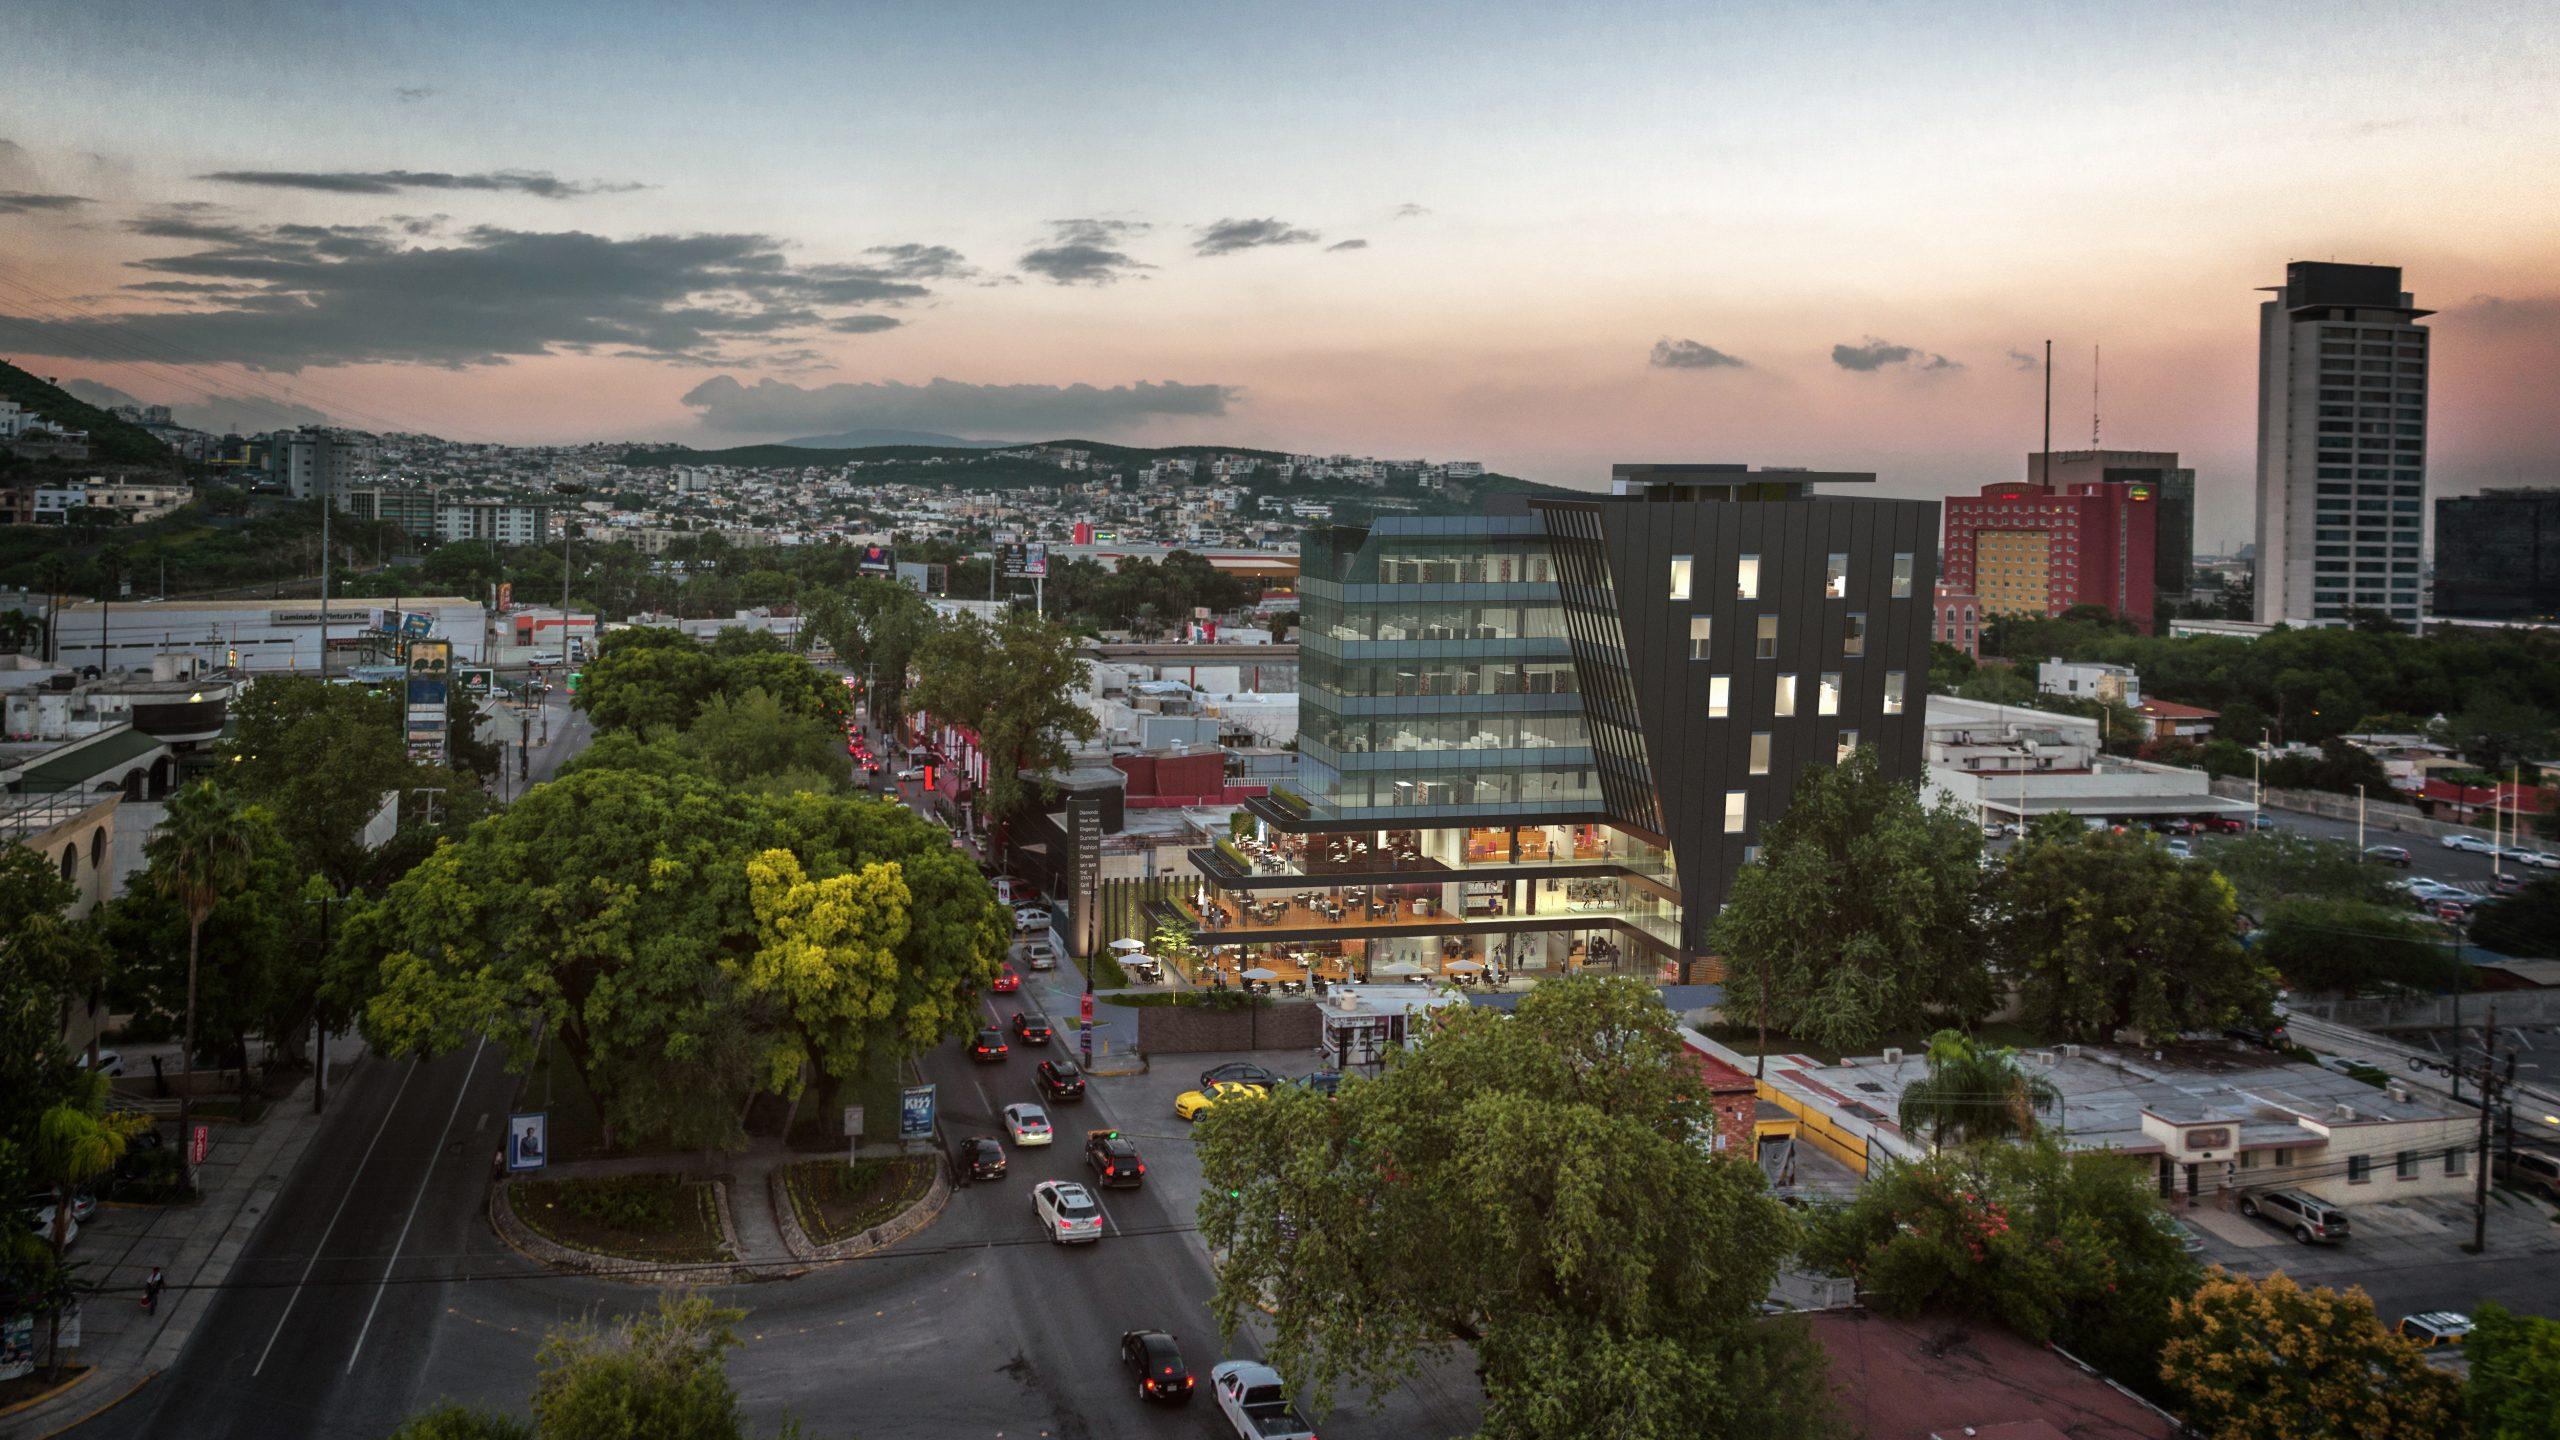 departamento, Monterrey, bienes raíces, inmuebles, Vantash, restaurantes, cuarentena, Miravalle